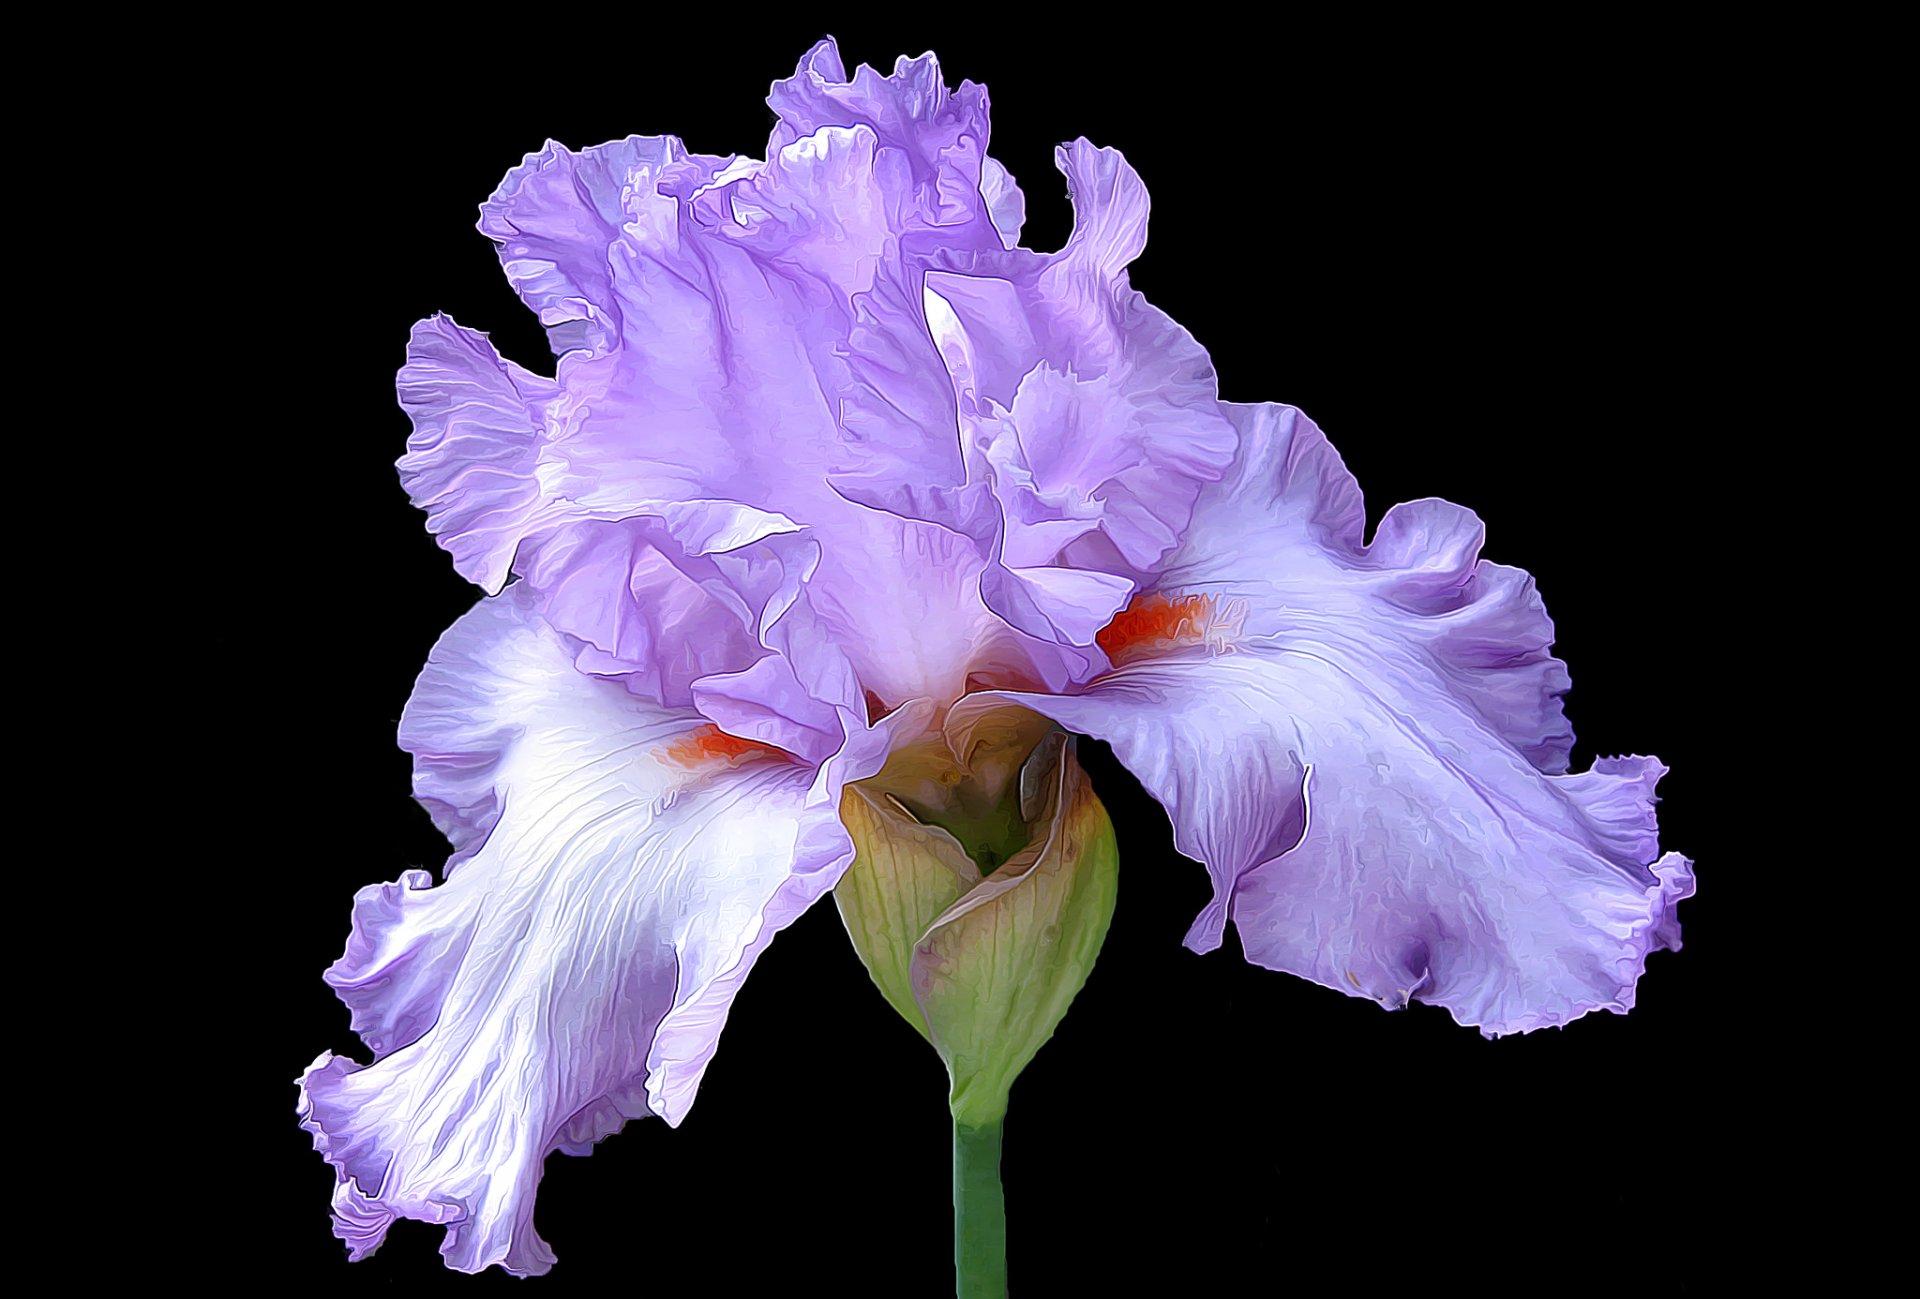 картинки цветы ирисы красивые большие на весь экран самом деле специально